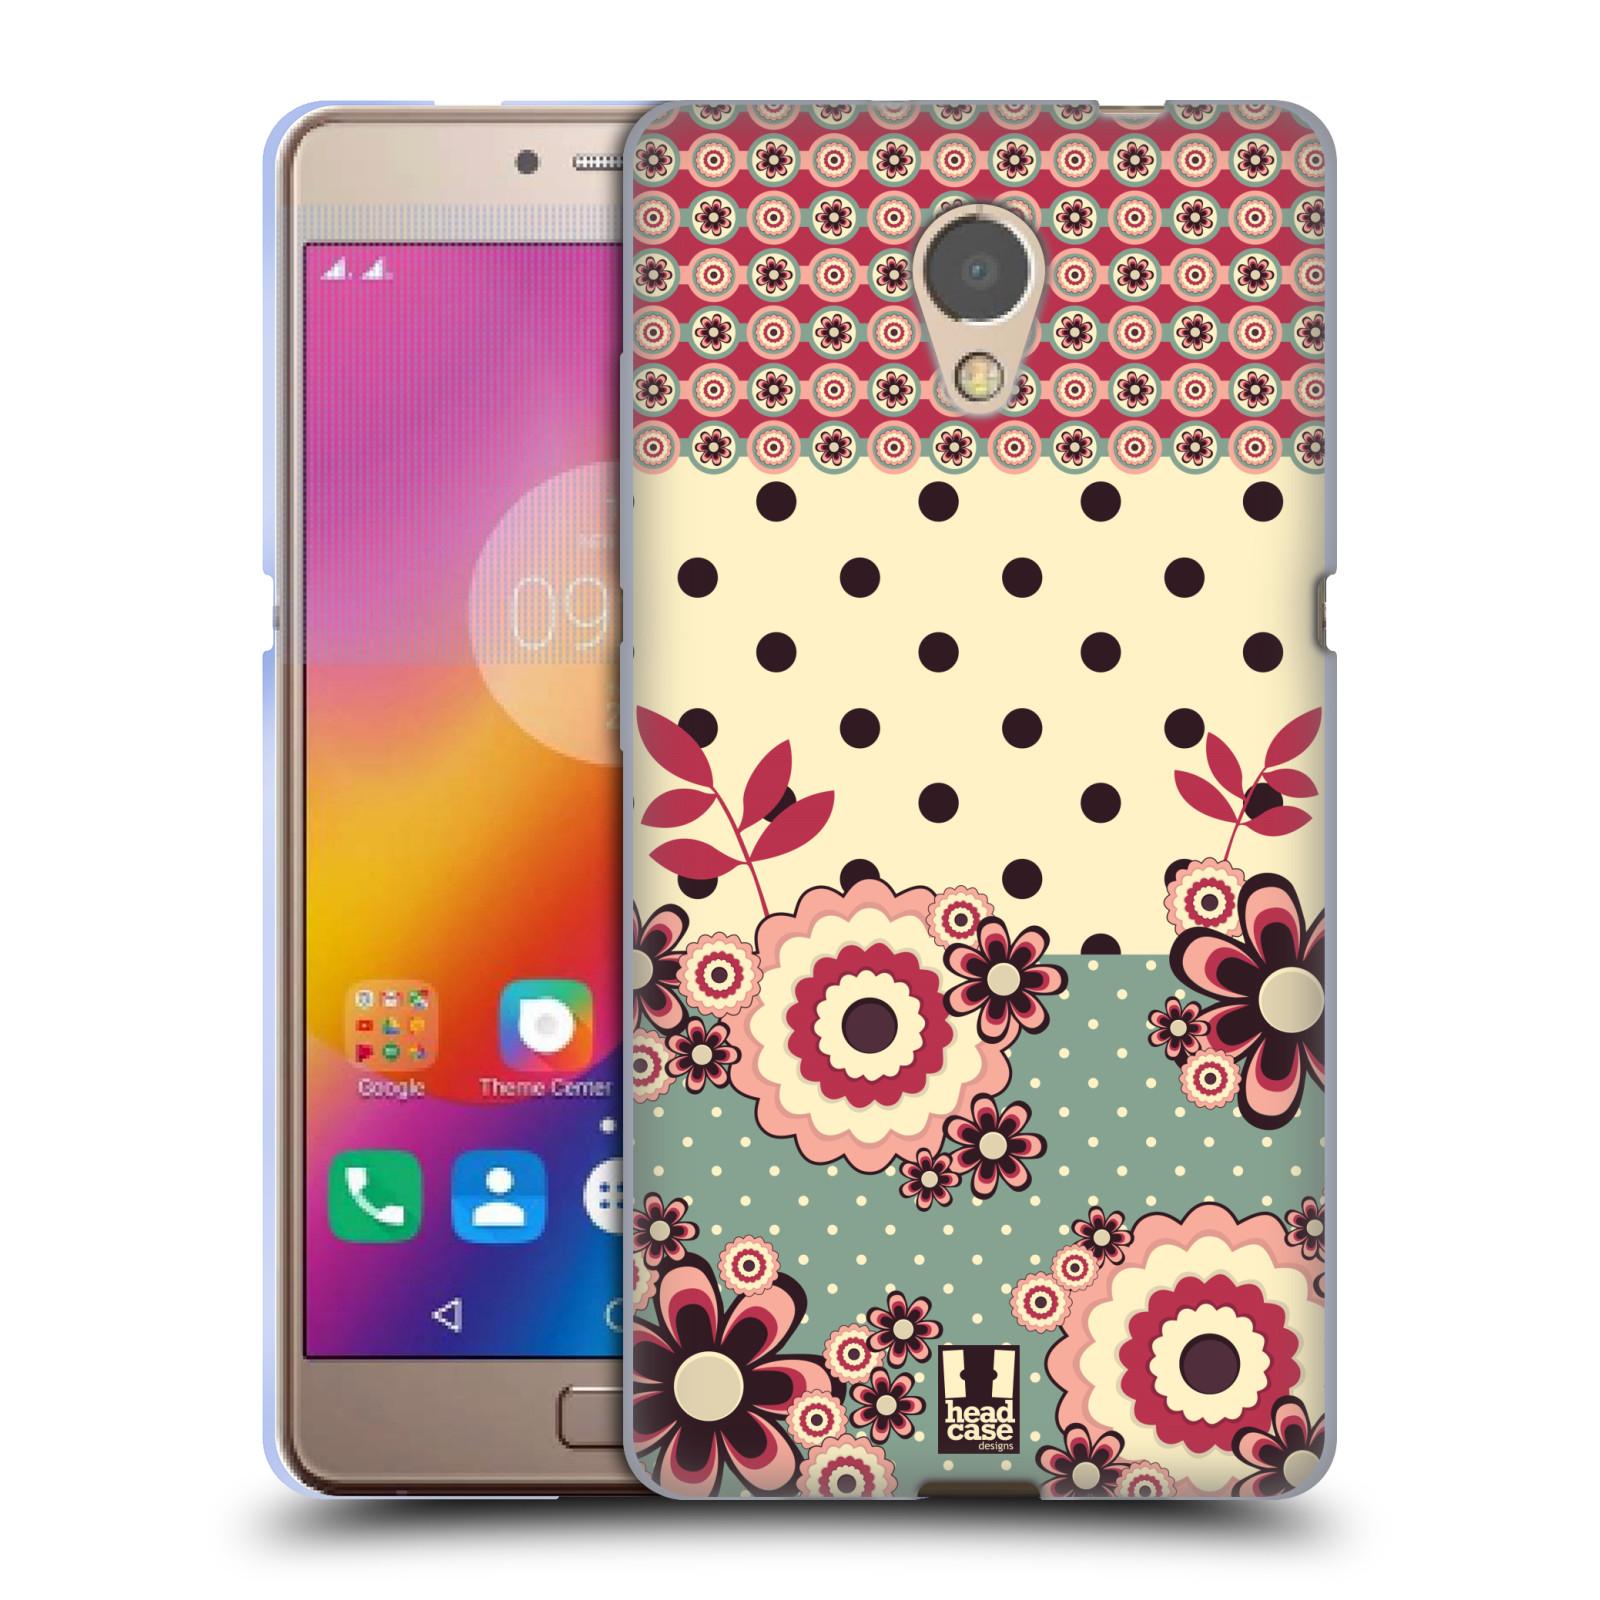 Silikonové pouzdro na mobil Lenovo P2 - Head Case - KVÍTKA PINK CREAM